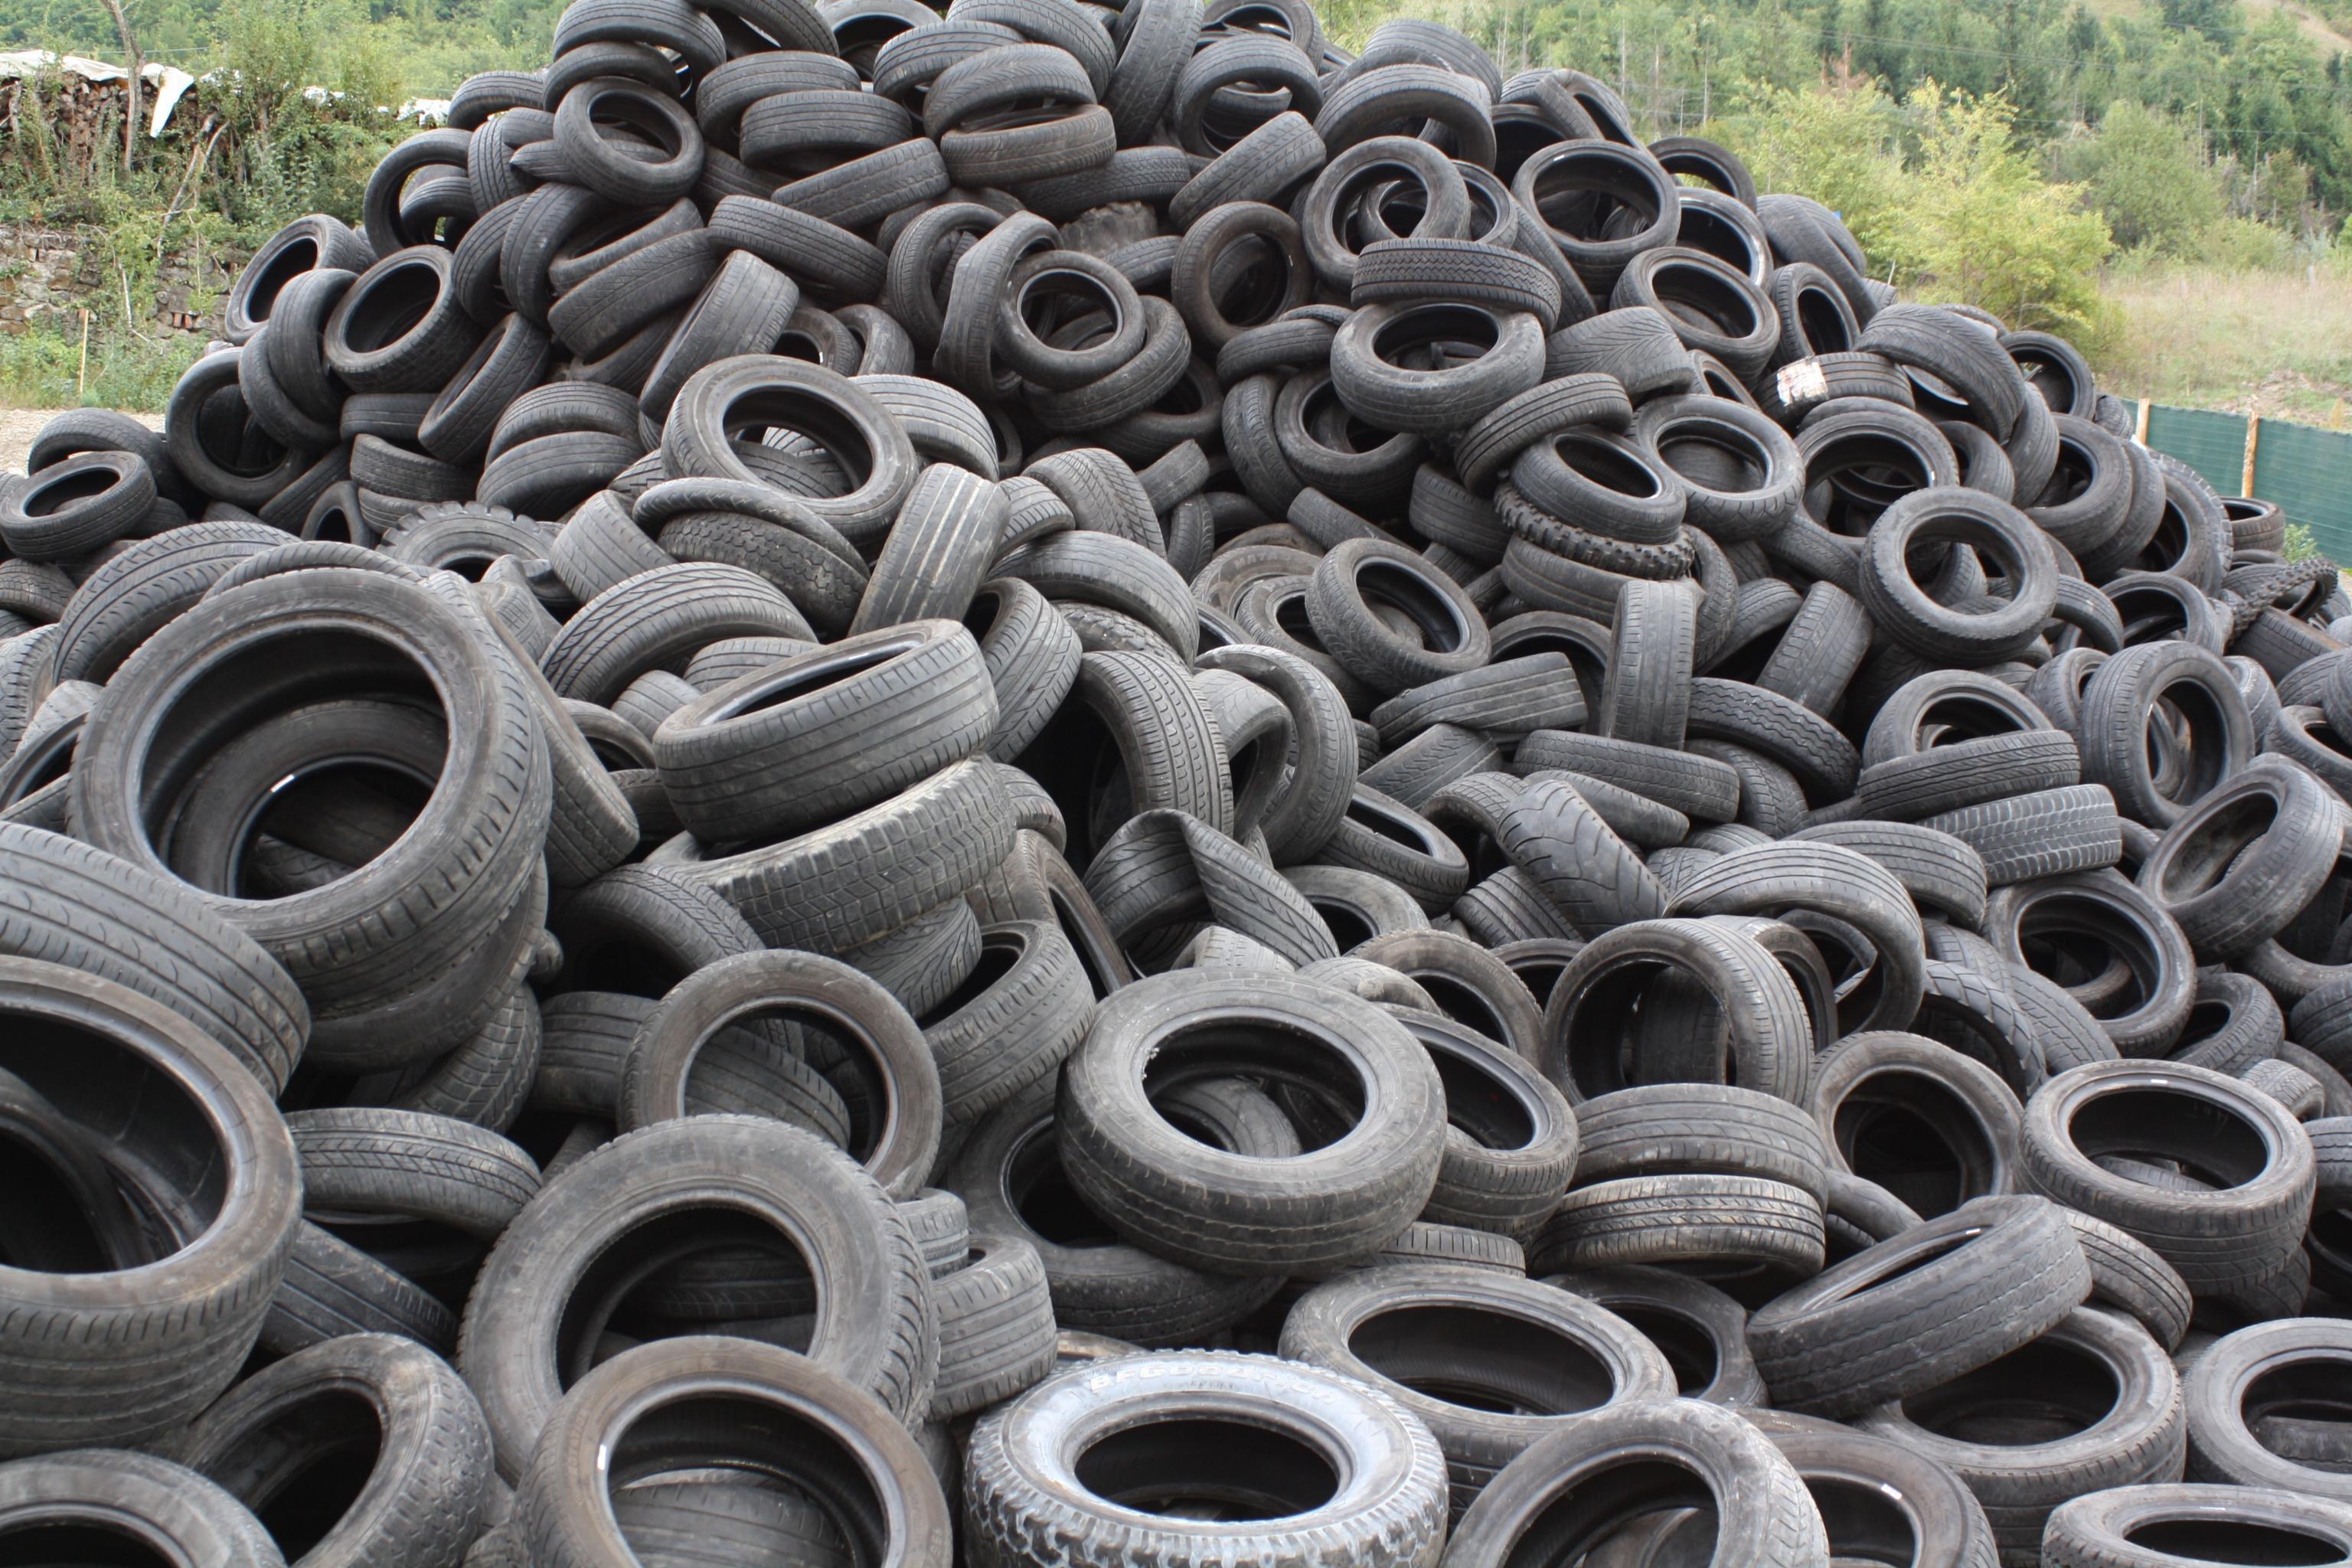 Gomma riciclata: aumenta il recupero di pneumatici e diminuiscono i rifiuti in discarica